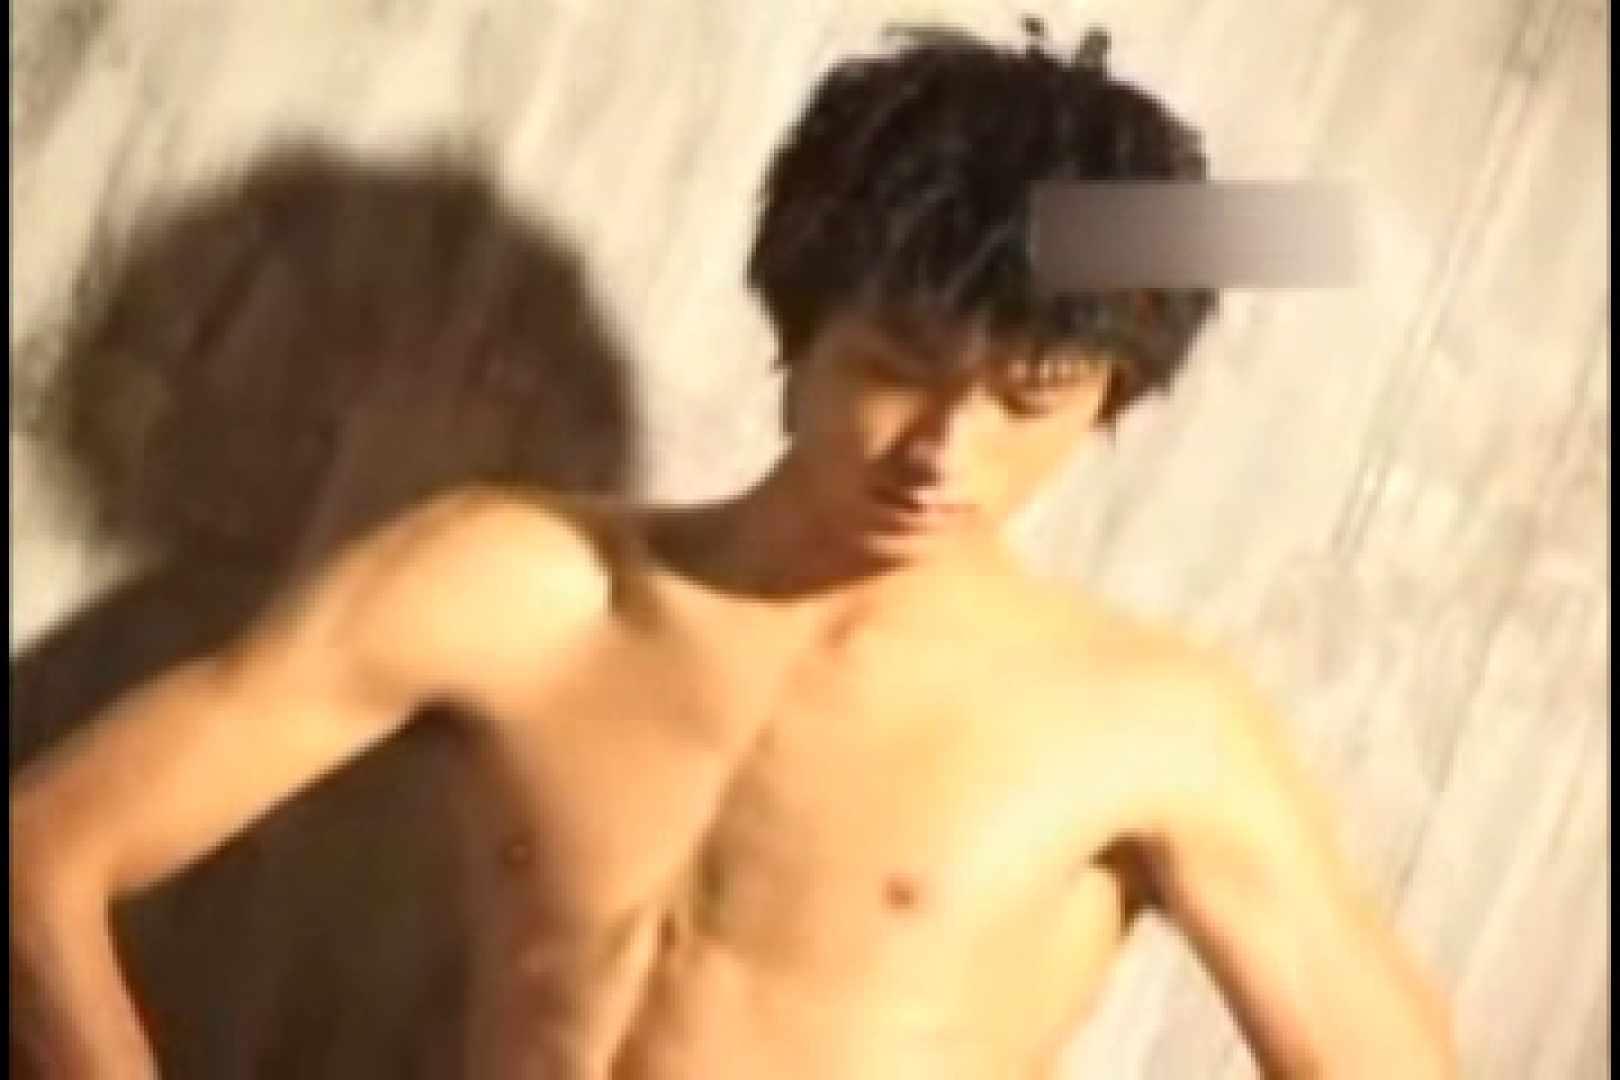 流出!!中出スーパーモデルya● jin hao イメージ (sex) ゲイAV画像 87枚 76